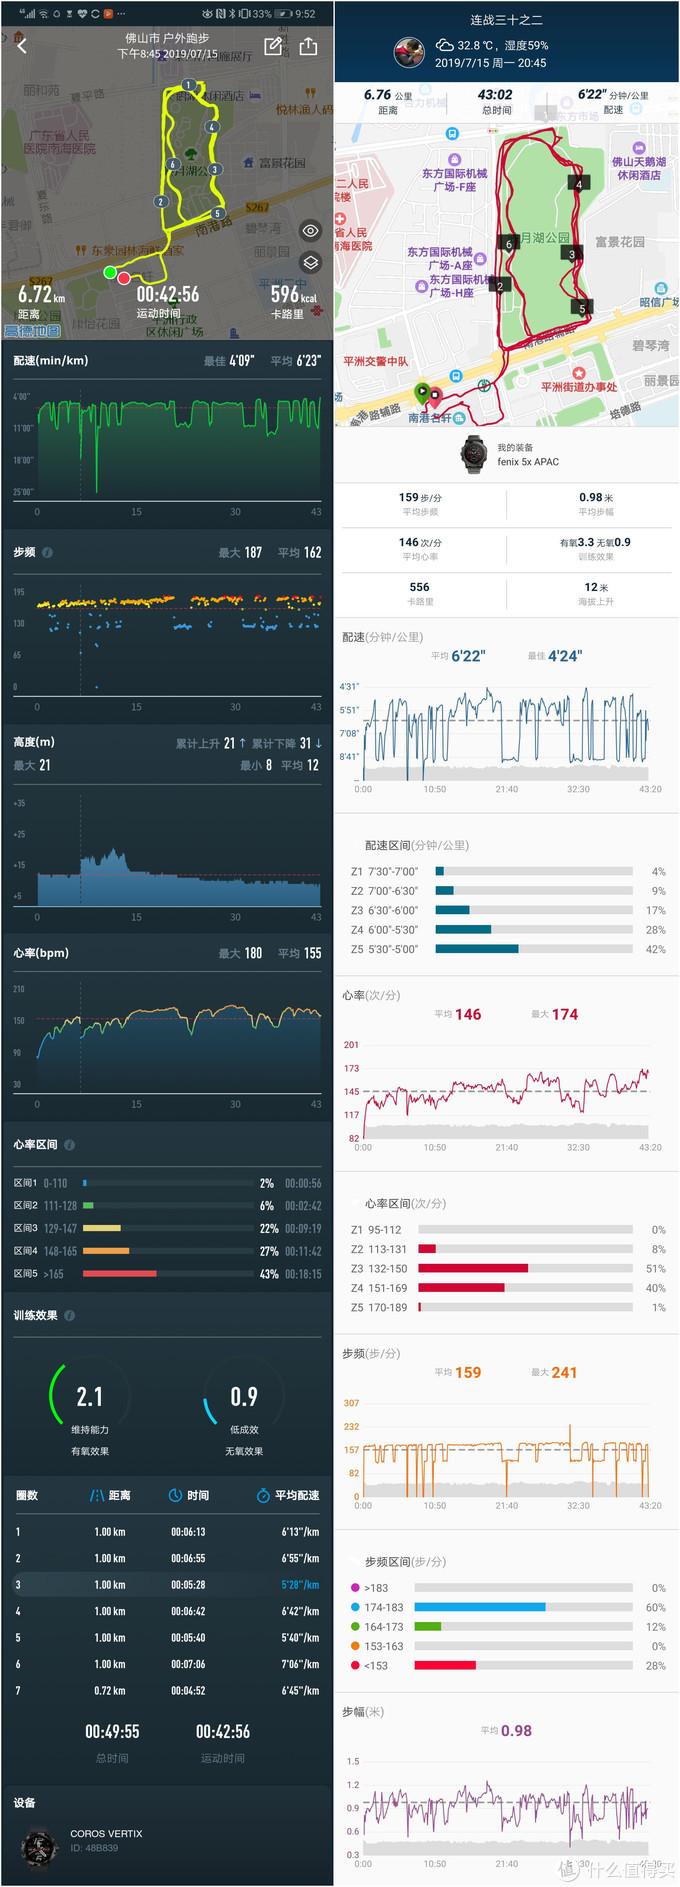 左侧为COROS的官方手机APP,右侧为GARMIN的佳速度APP,两款软件数据对比分析。在COROS这边同一个APP就实现了数据的采集和分析两种目的